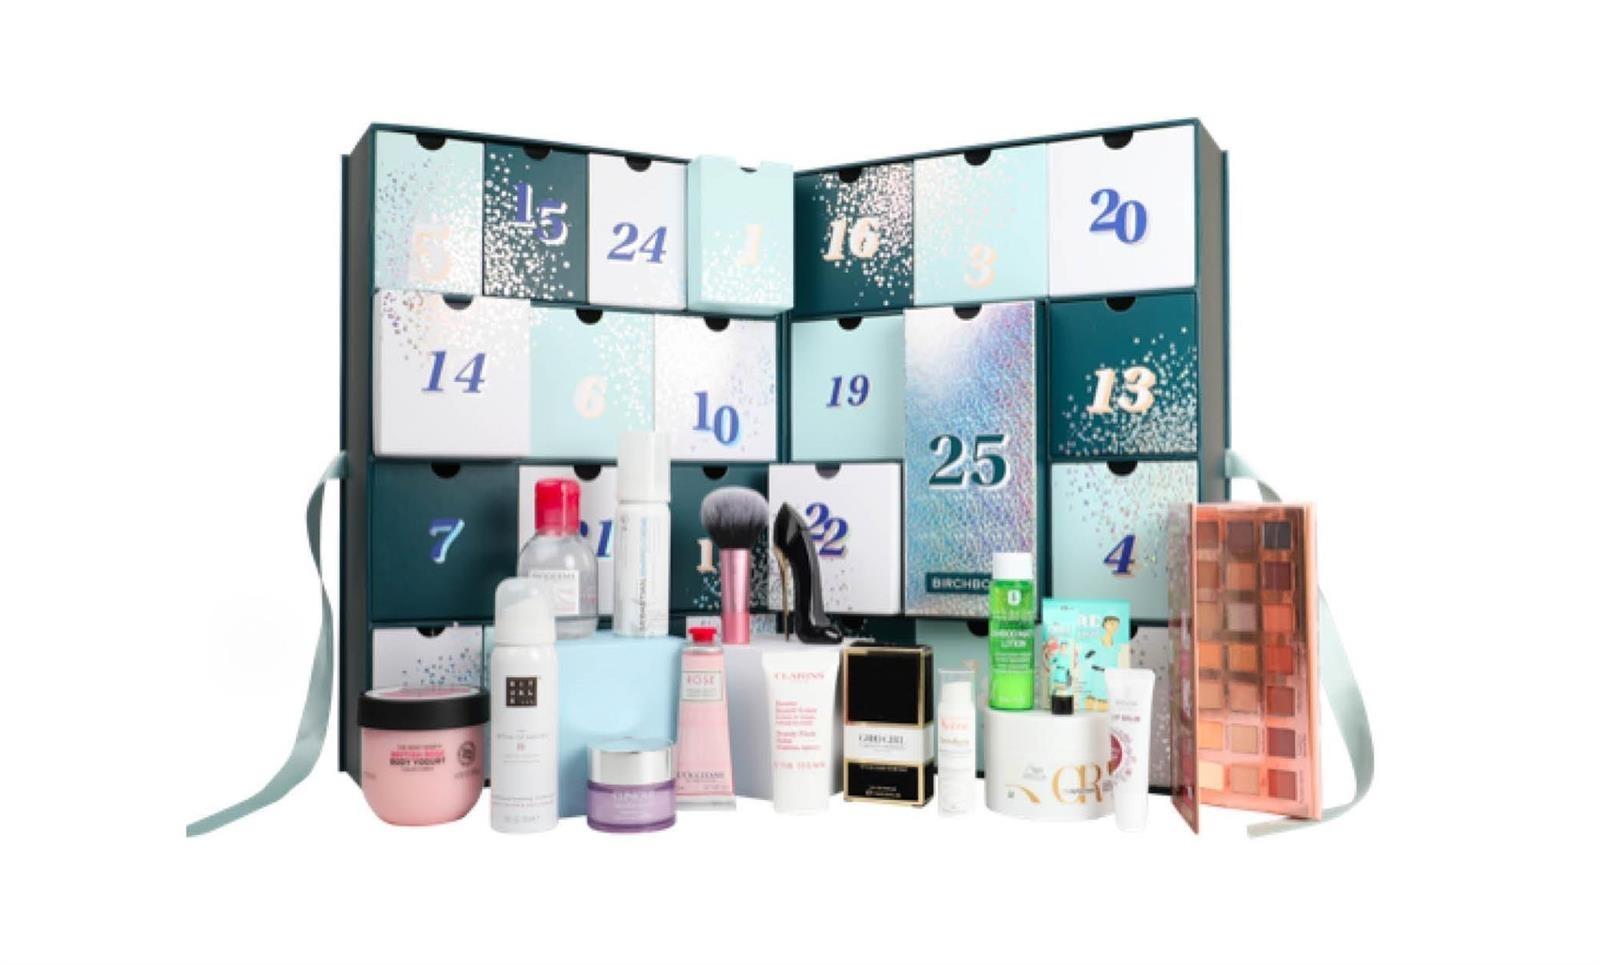 Los Mejores Calendarios De Adviento De Belleza Para Regalar in Calendario Adviento 2019 Con Cajitas Para Regalitos